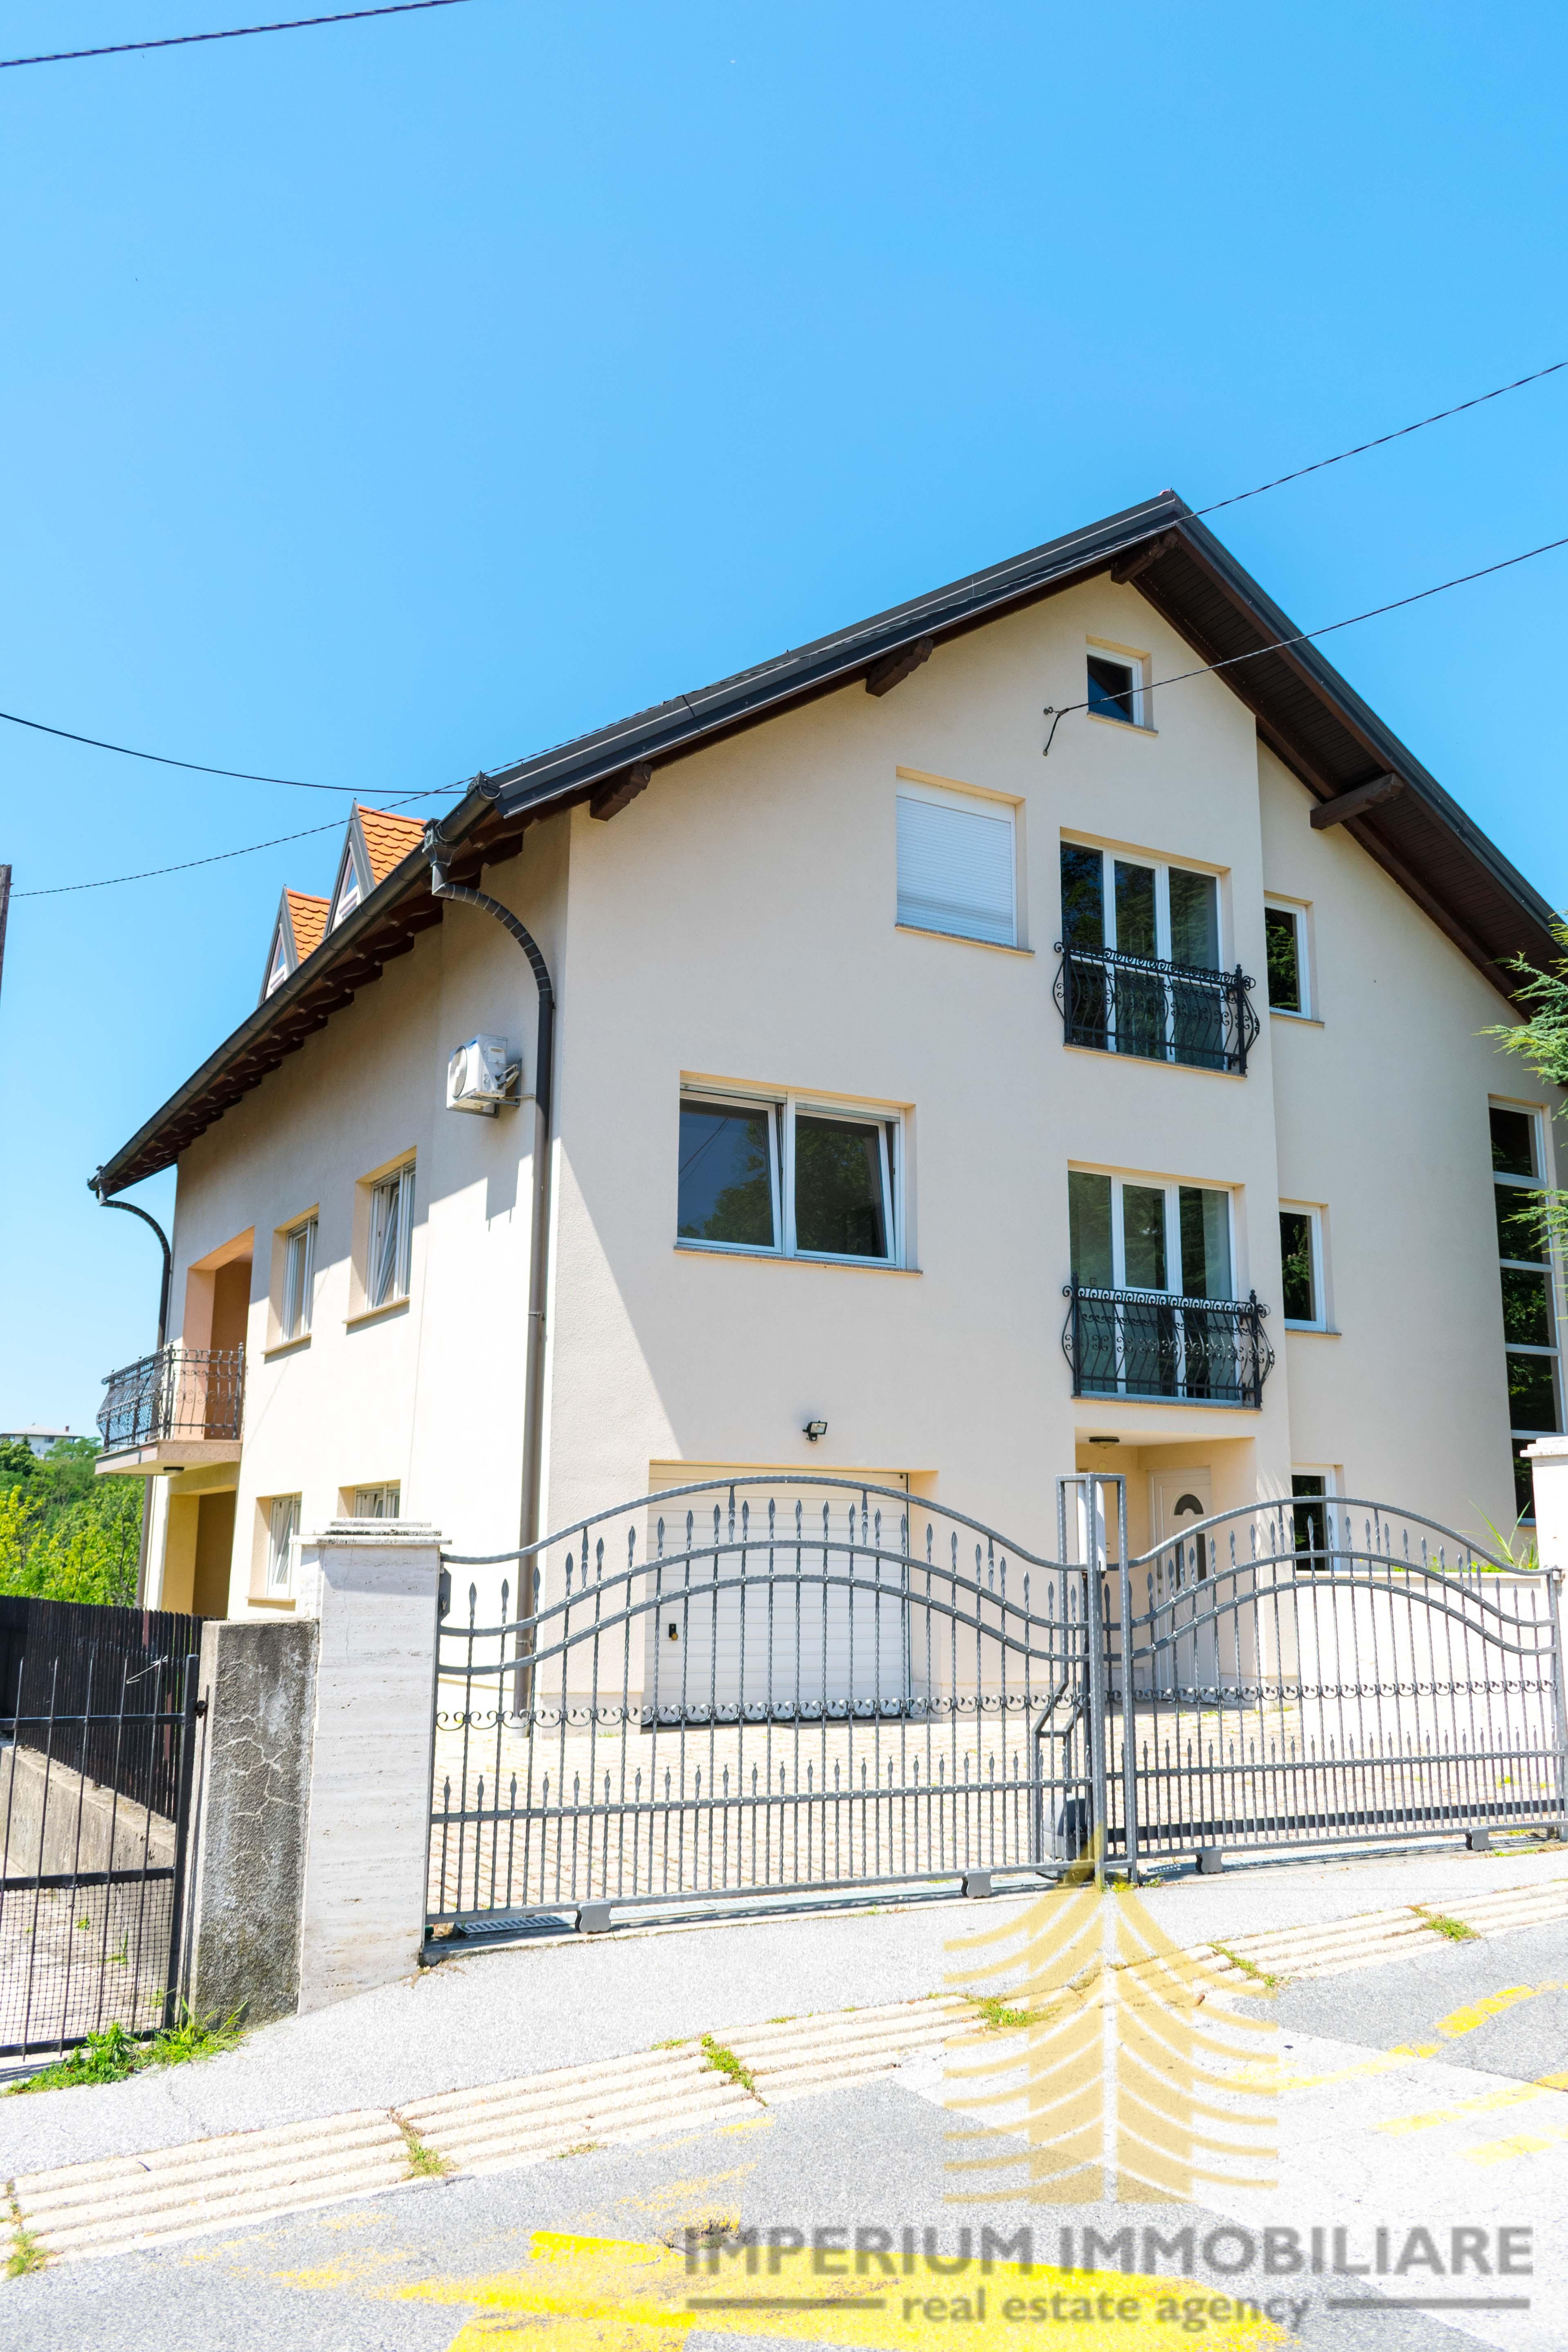 Kuća: Zagreb (Donji grad), višekatnica, 250 m2 (iznajmljena)